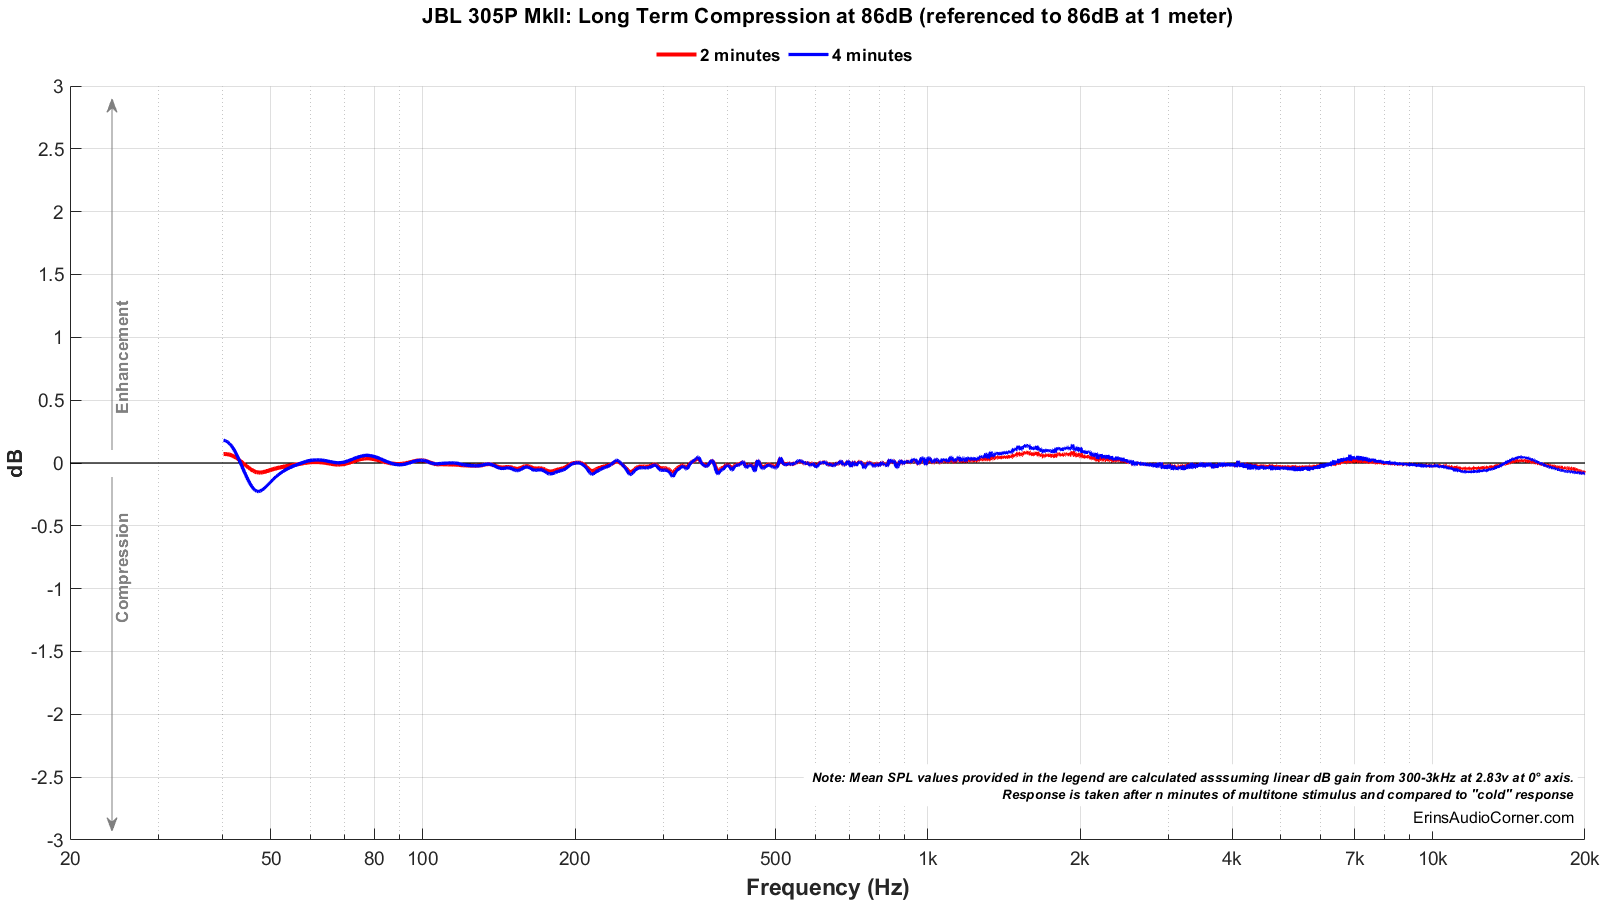 JBL%20305P%20MkII_Long_Term_86_Compression.png